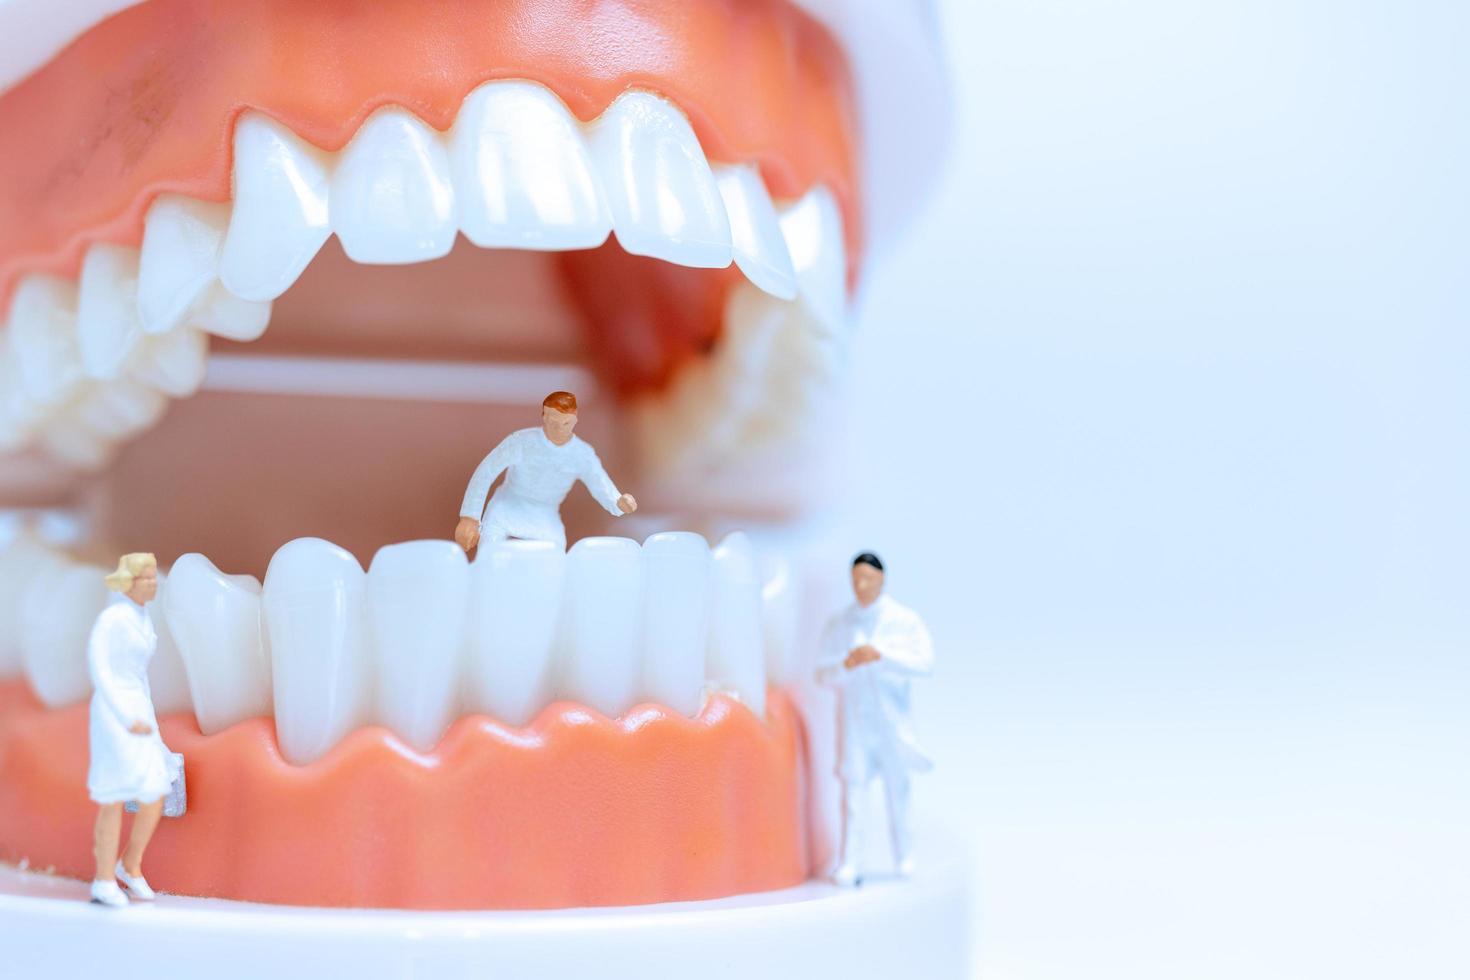 Figuras en miniatura y un modelo de boca humana. foto